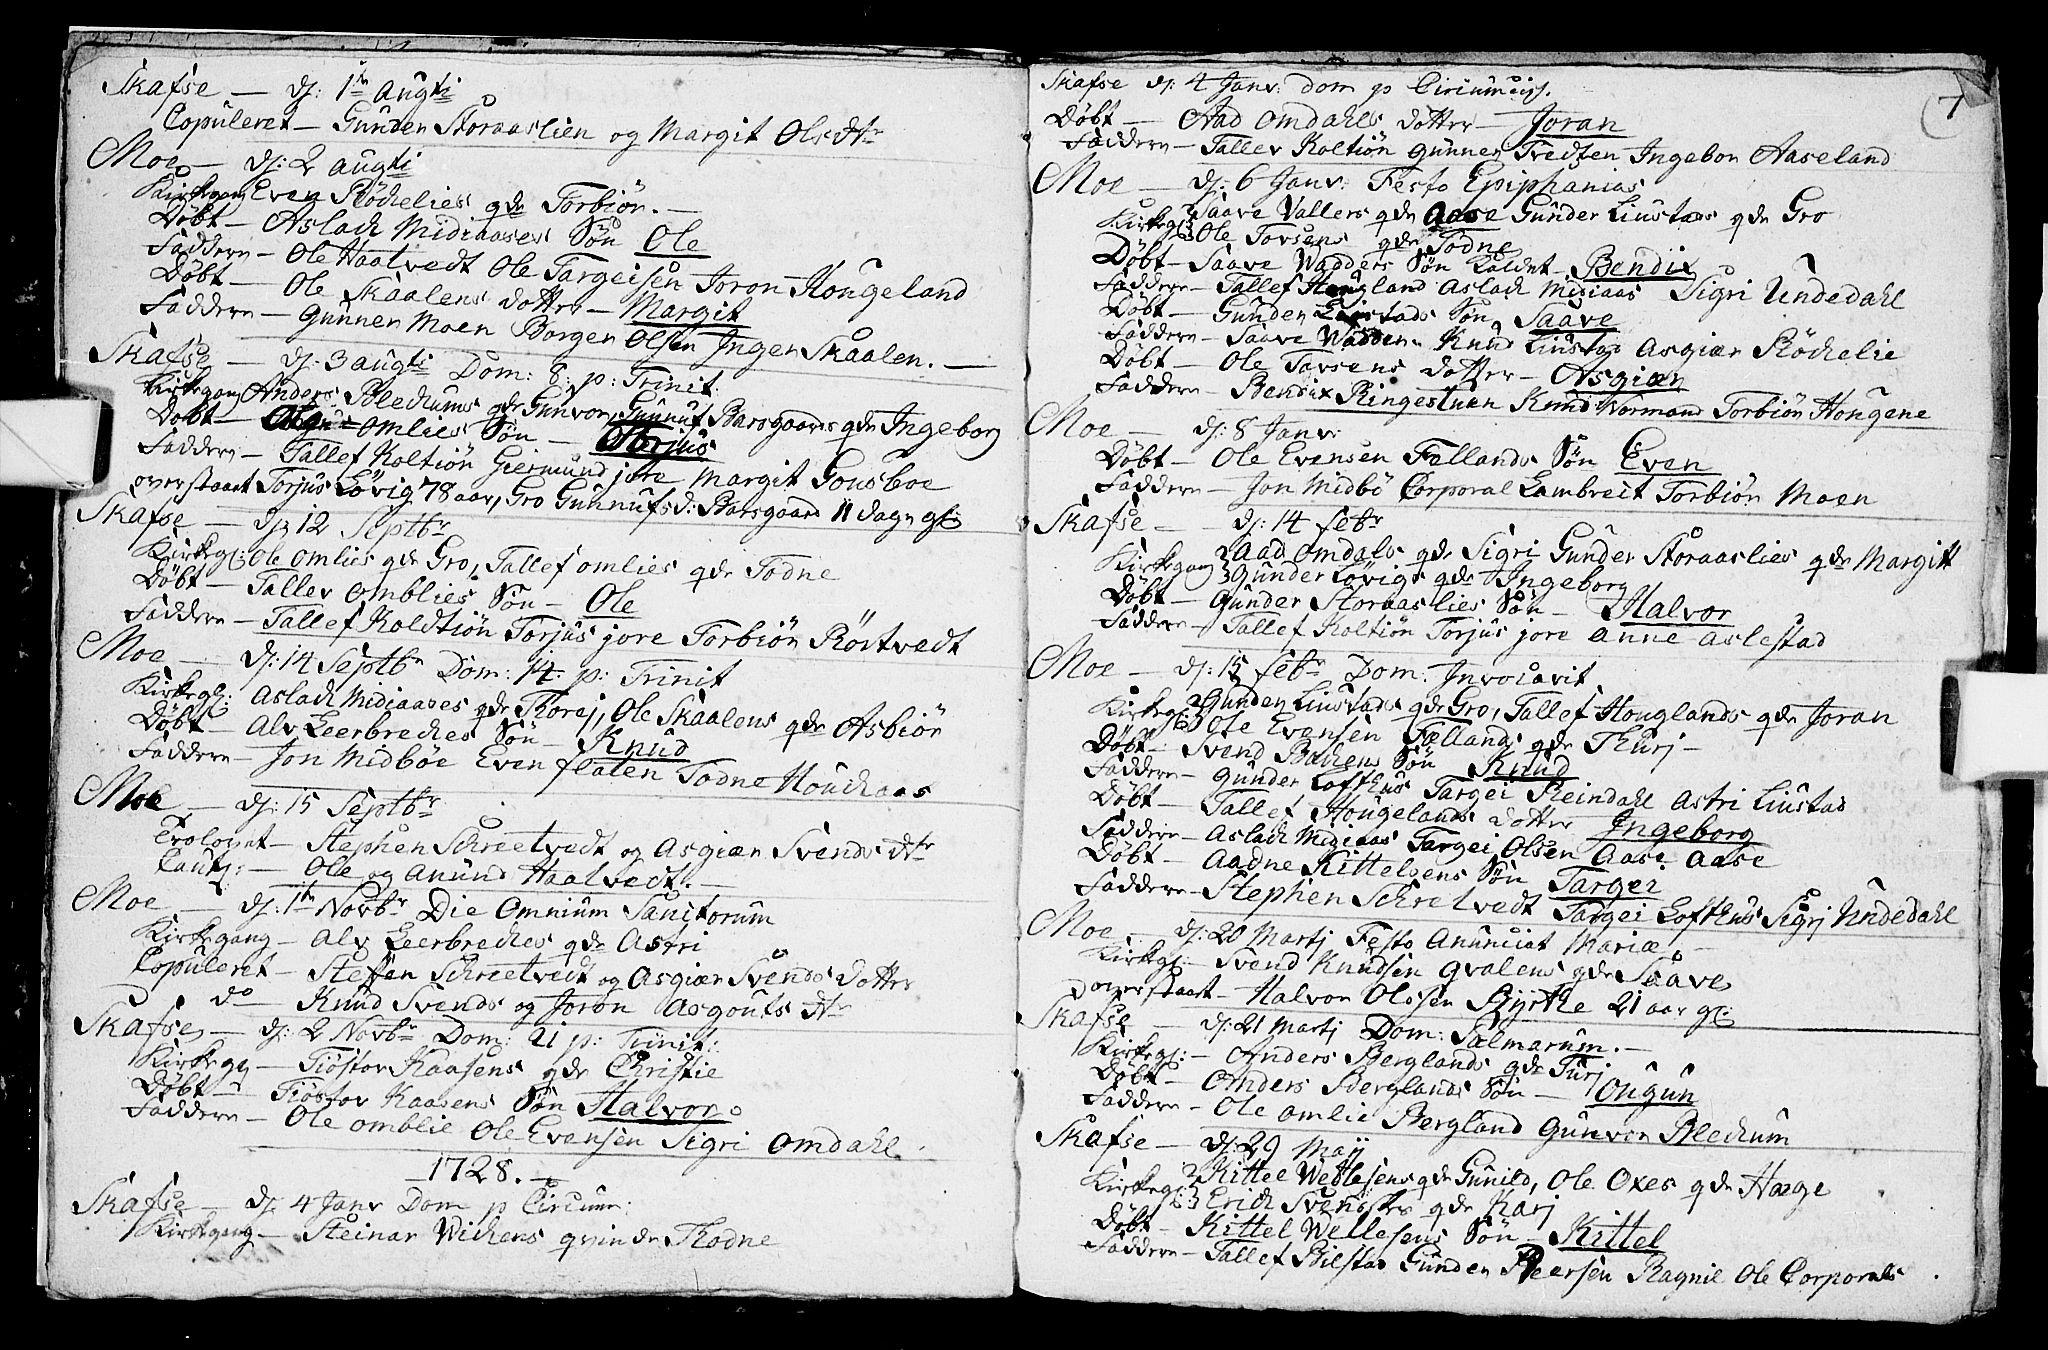 SAKO, Mo kirkebøker, F/Fa/L0001: Ministerialbok nr. I 1, 1724-1748, s. 7